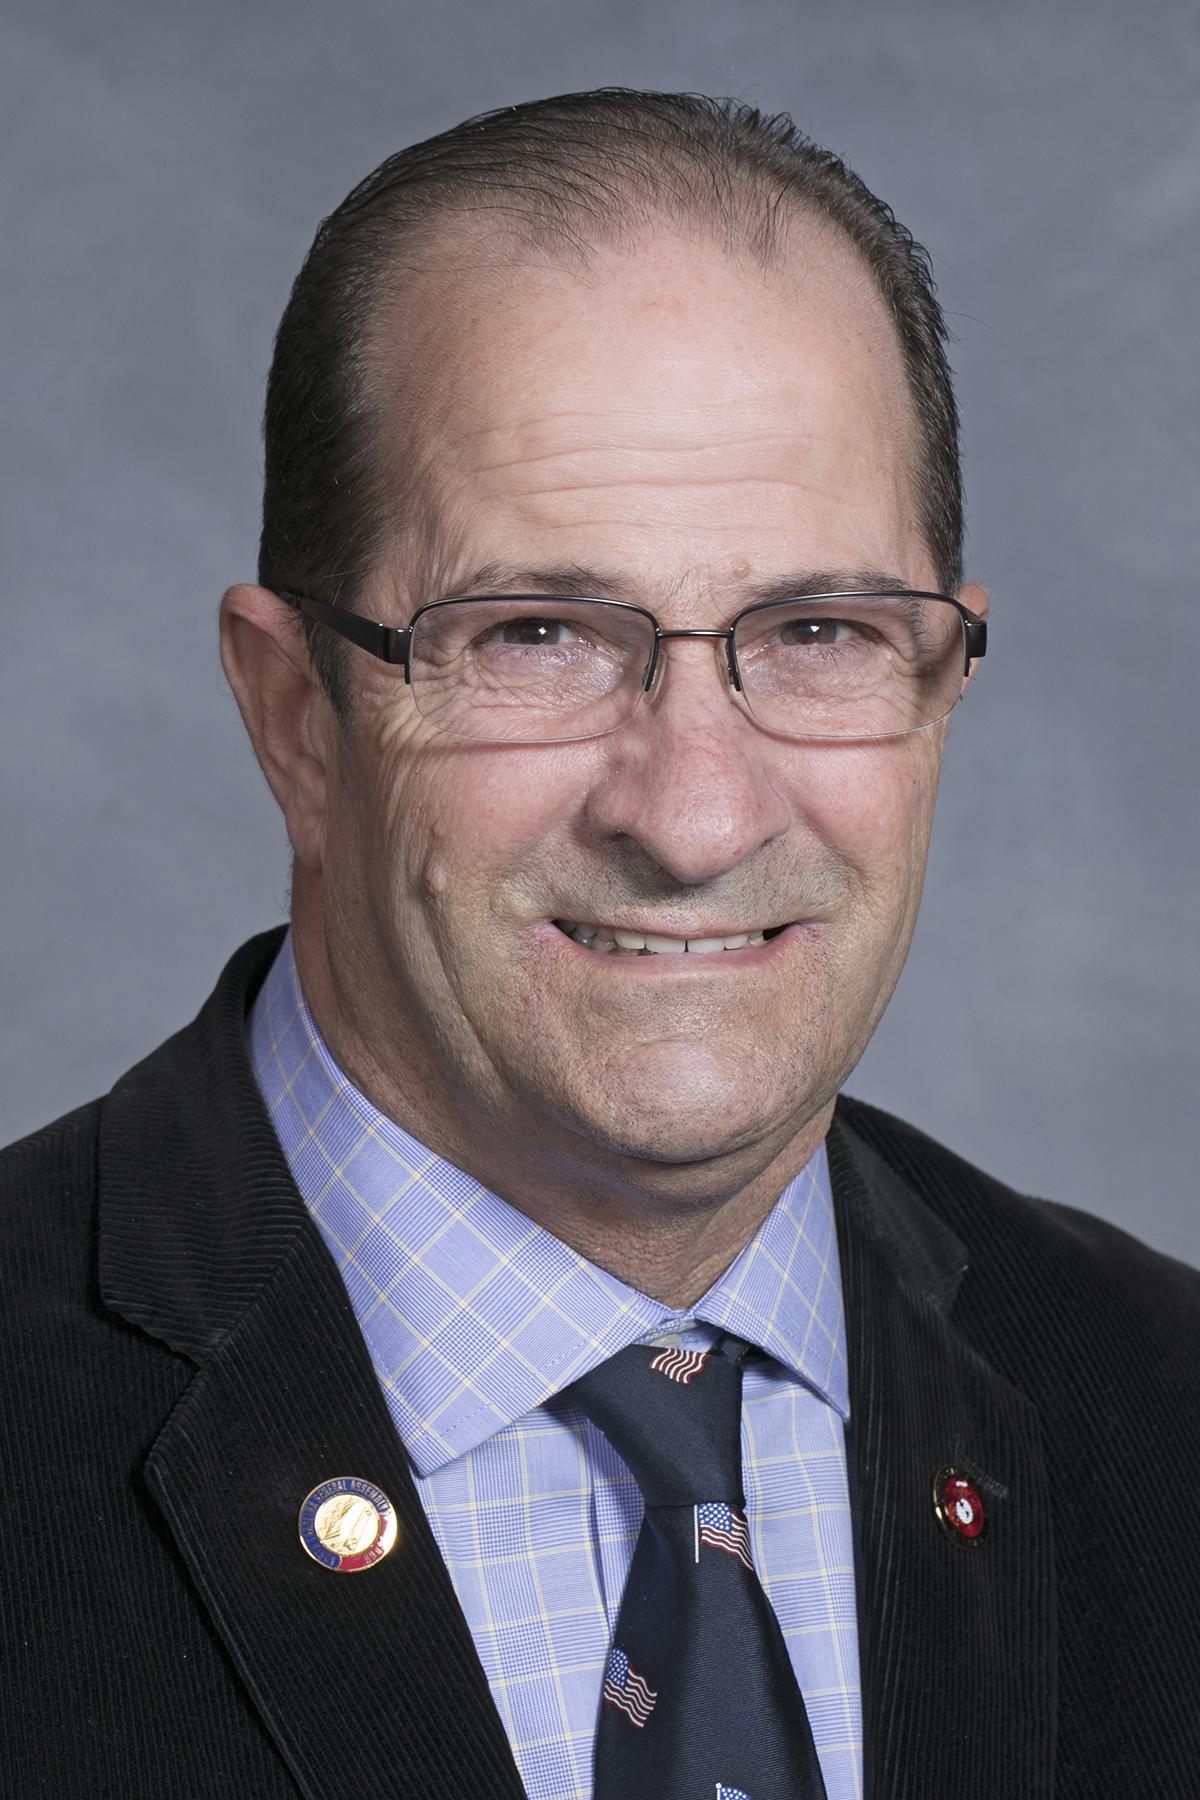 Michael Speciale - Wikipedia